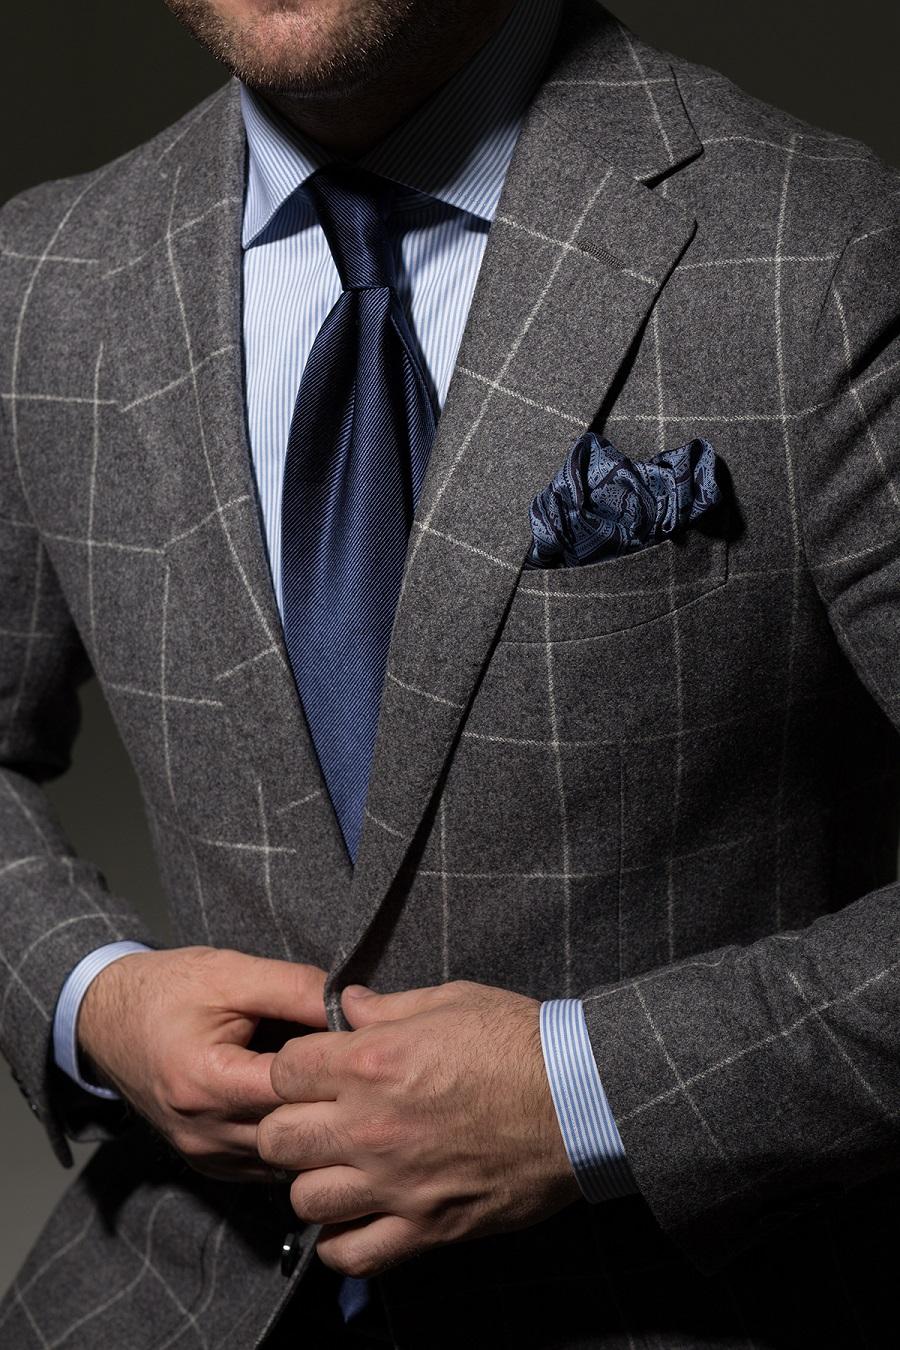 543c89b5337a6 Firma powstała kilka lat temu z inicjatywy dwóch znajomych, którzy  postanowili stworzyć linię dobrych jakościowo krawatów w przystępnej ...